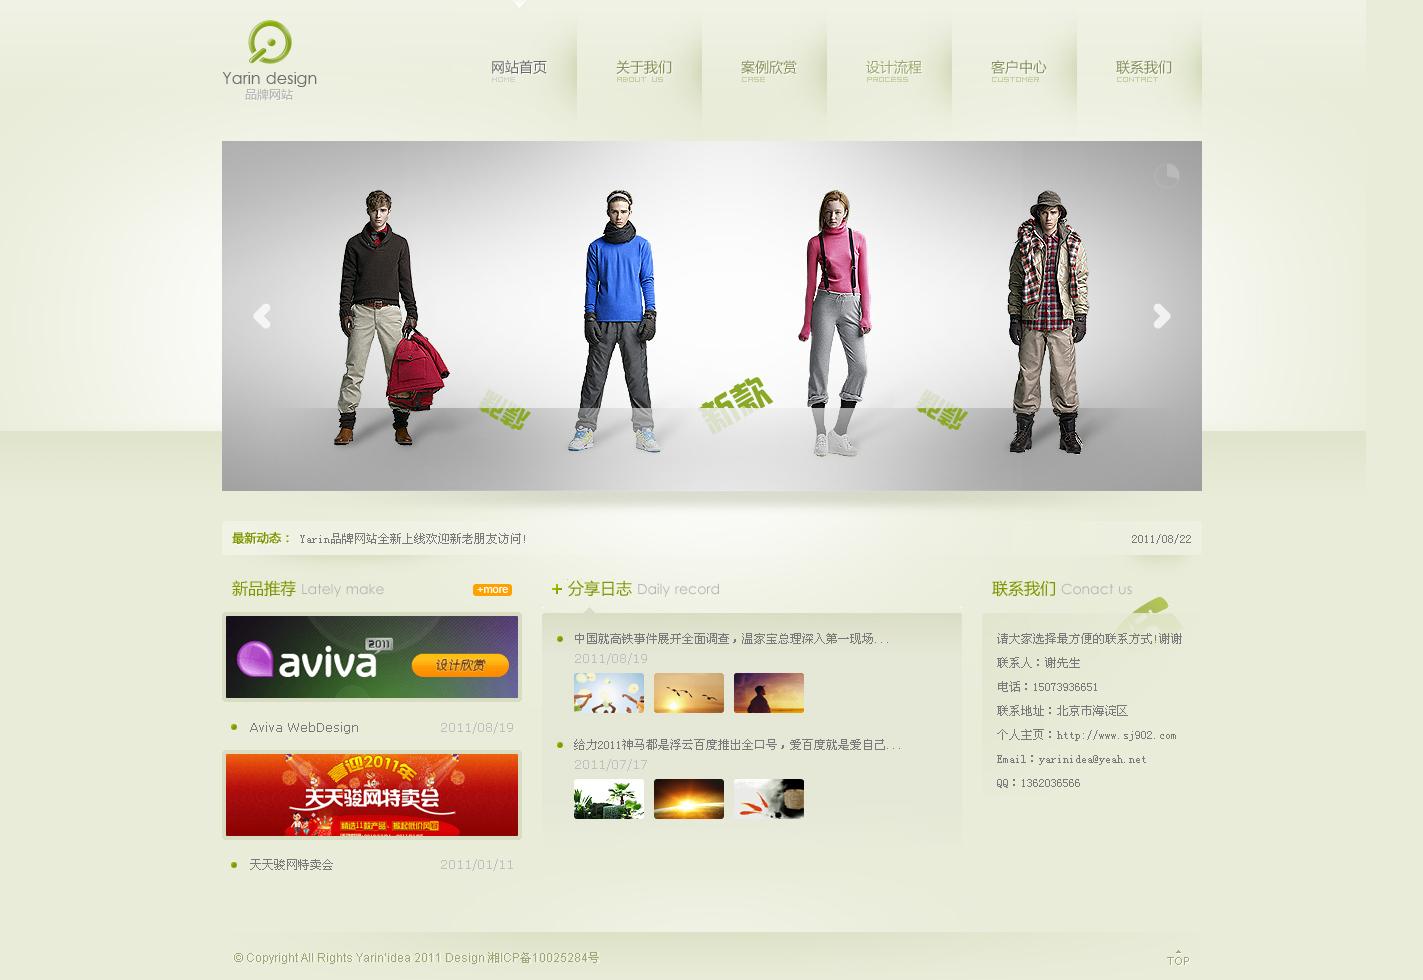 湖南谢电影web设计师个人网站.免费国外僵尸远见在线观看图片